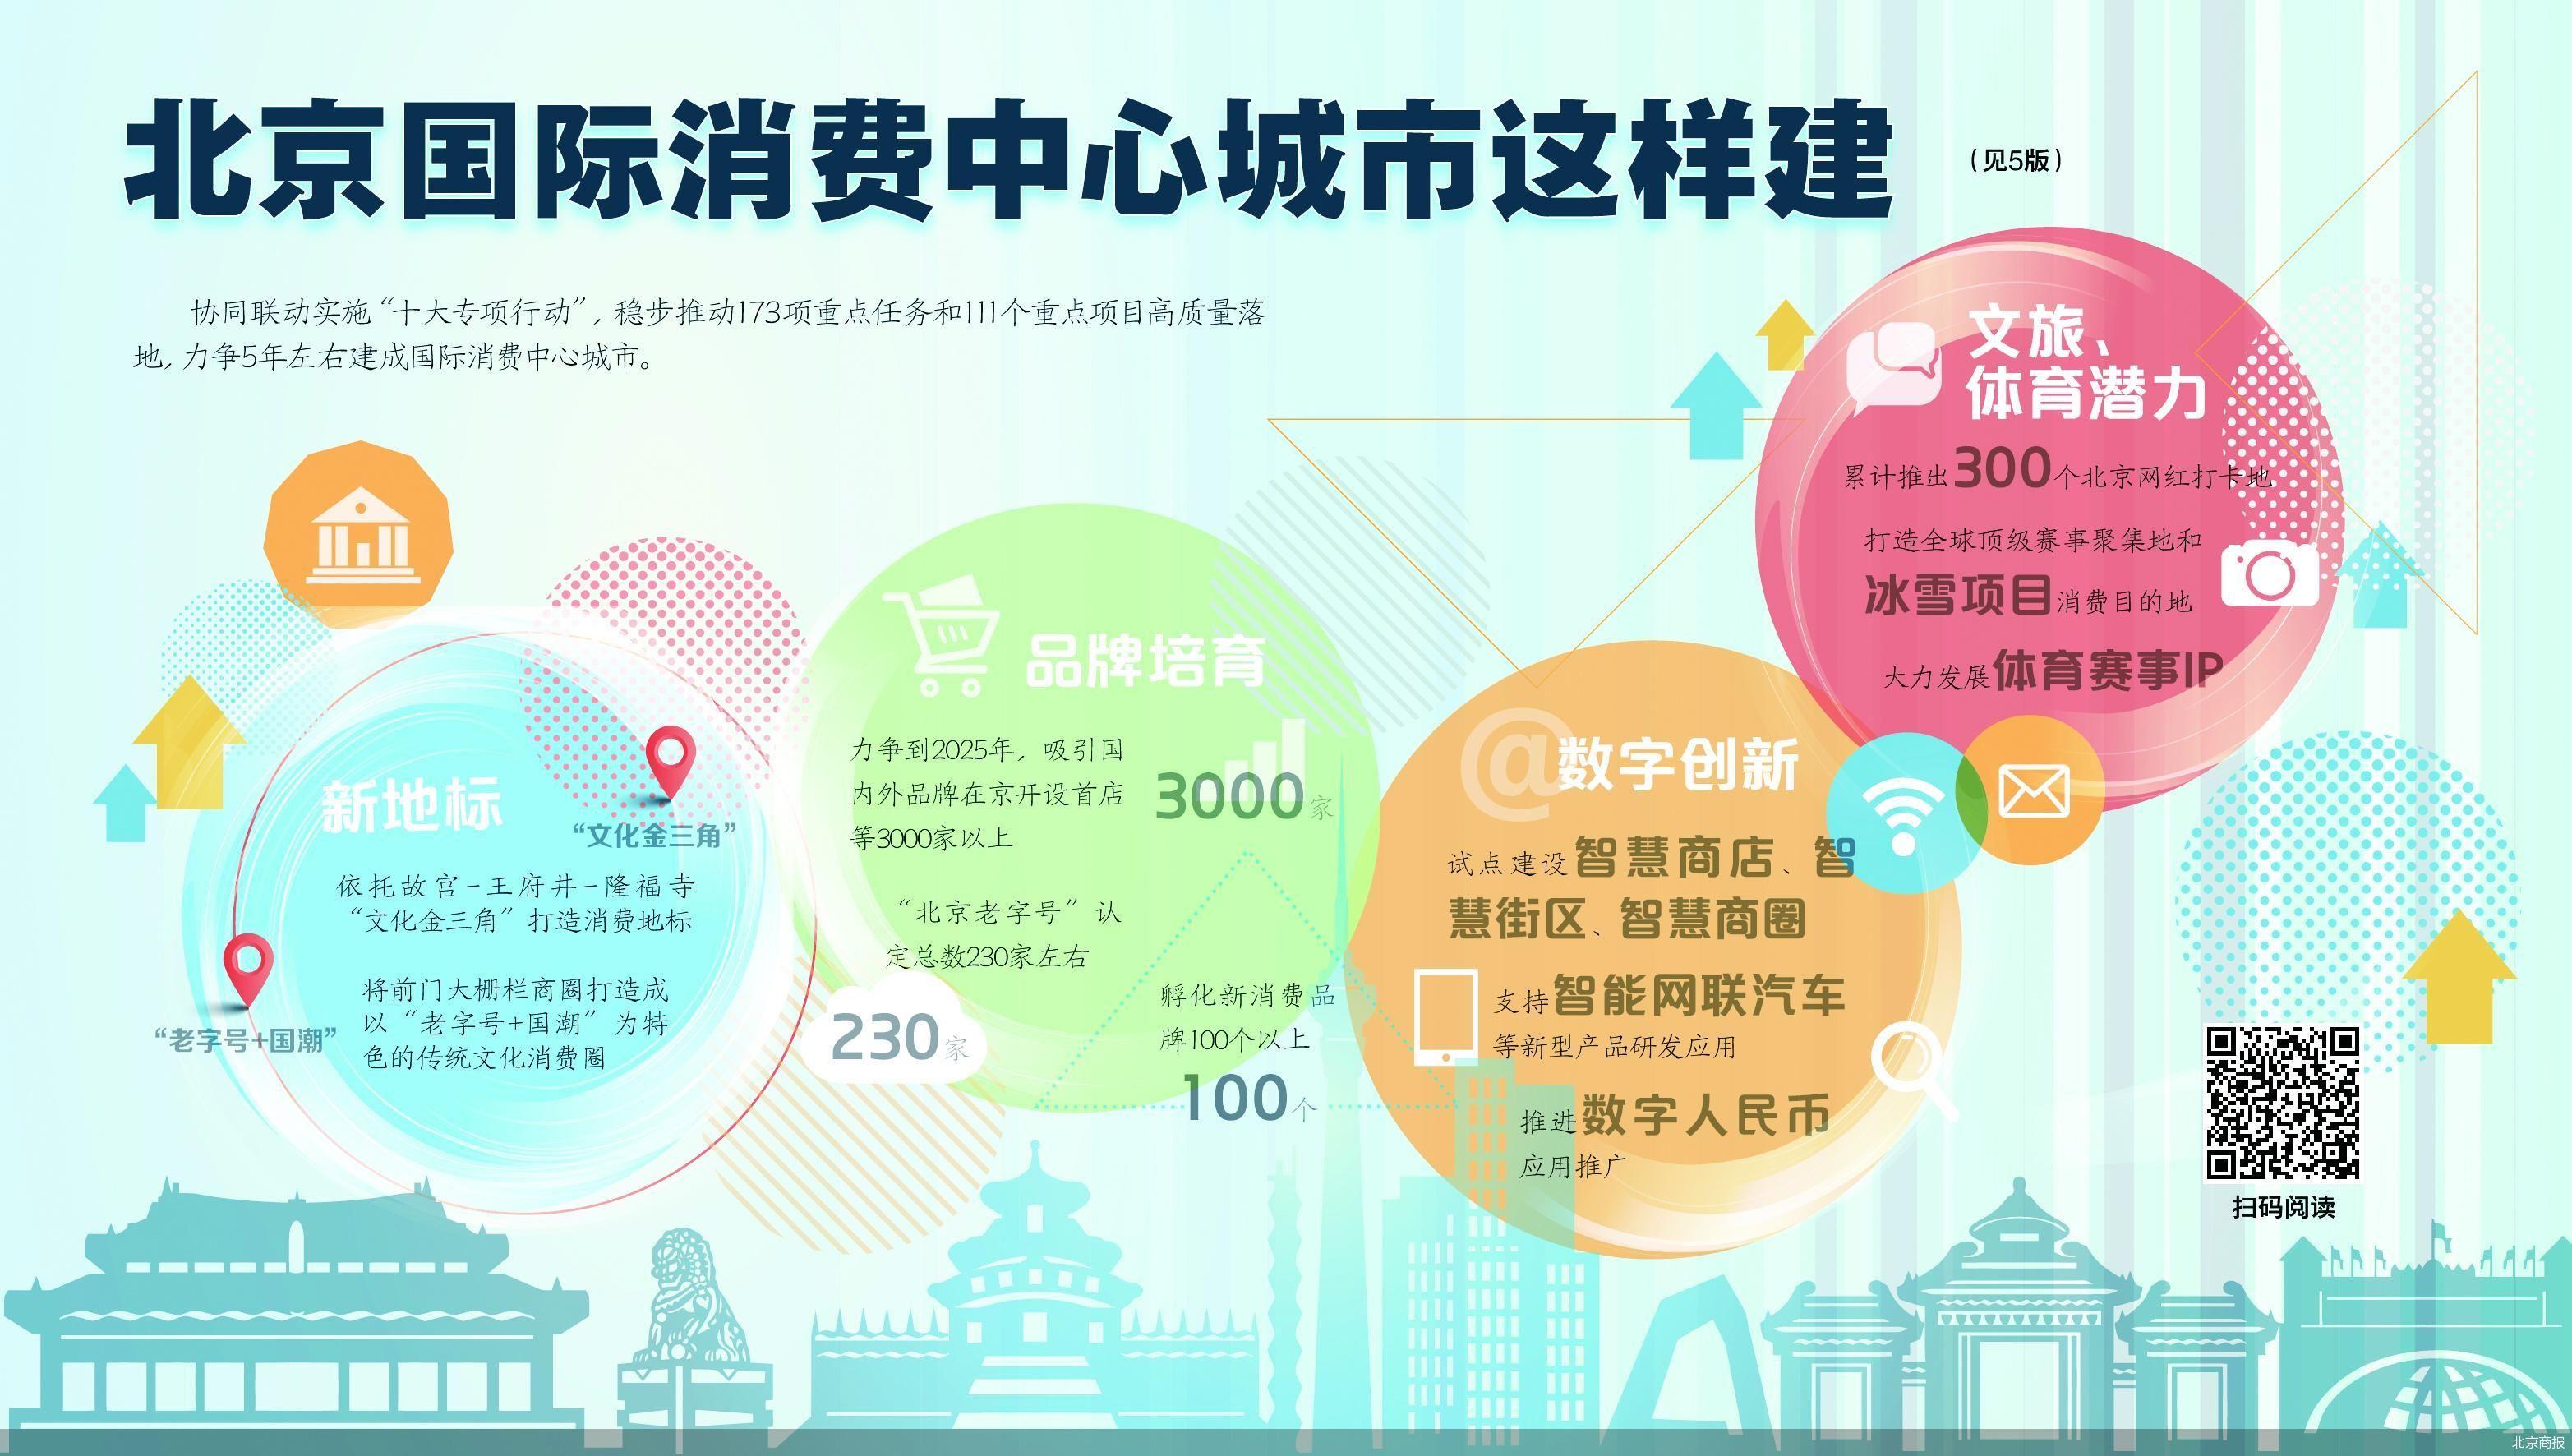 为助力北京建设国际消费中心城市  北京市将出台14项专项政策